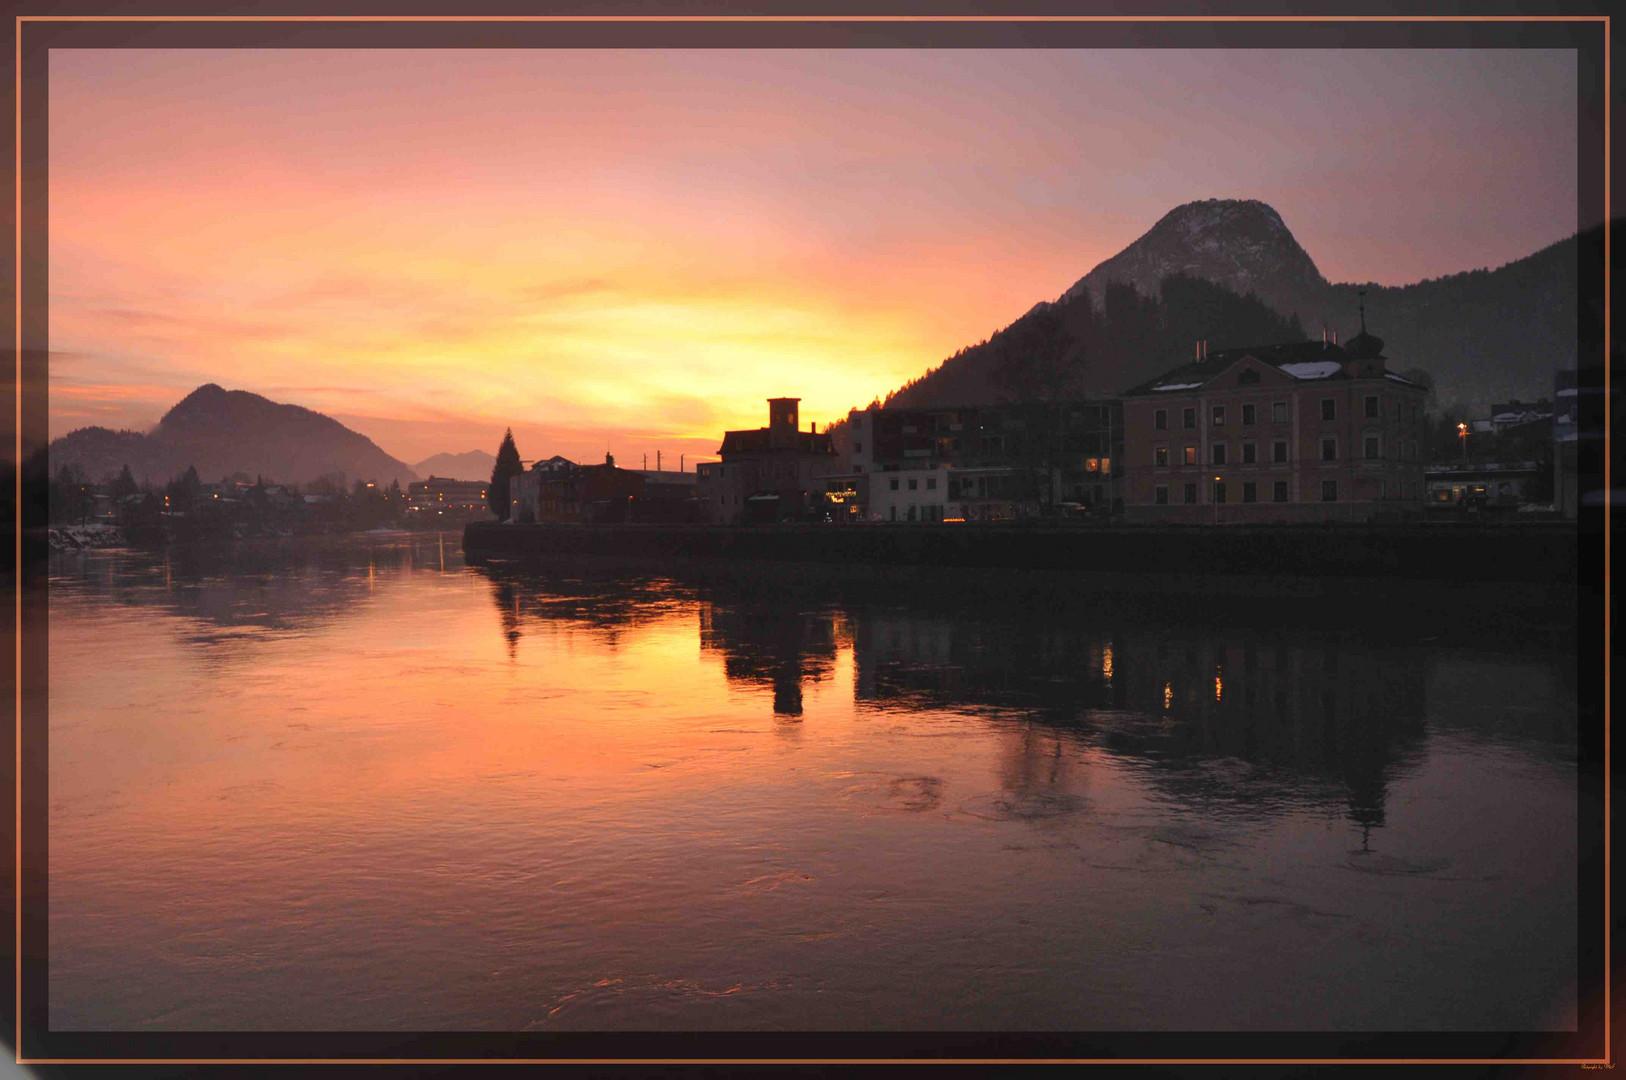 Sonnenuntergang in Kufstein